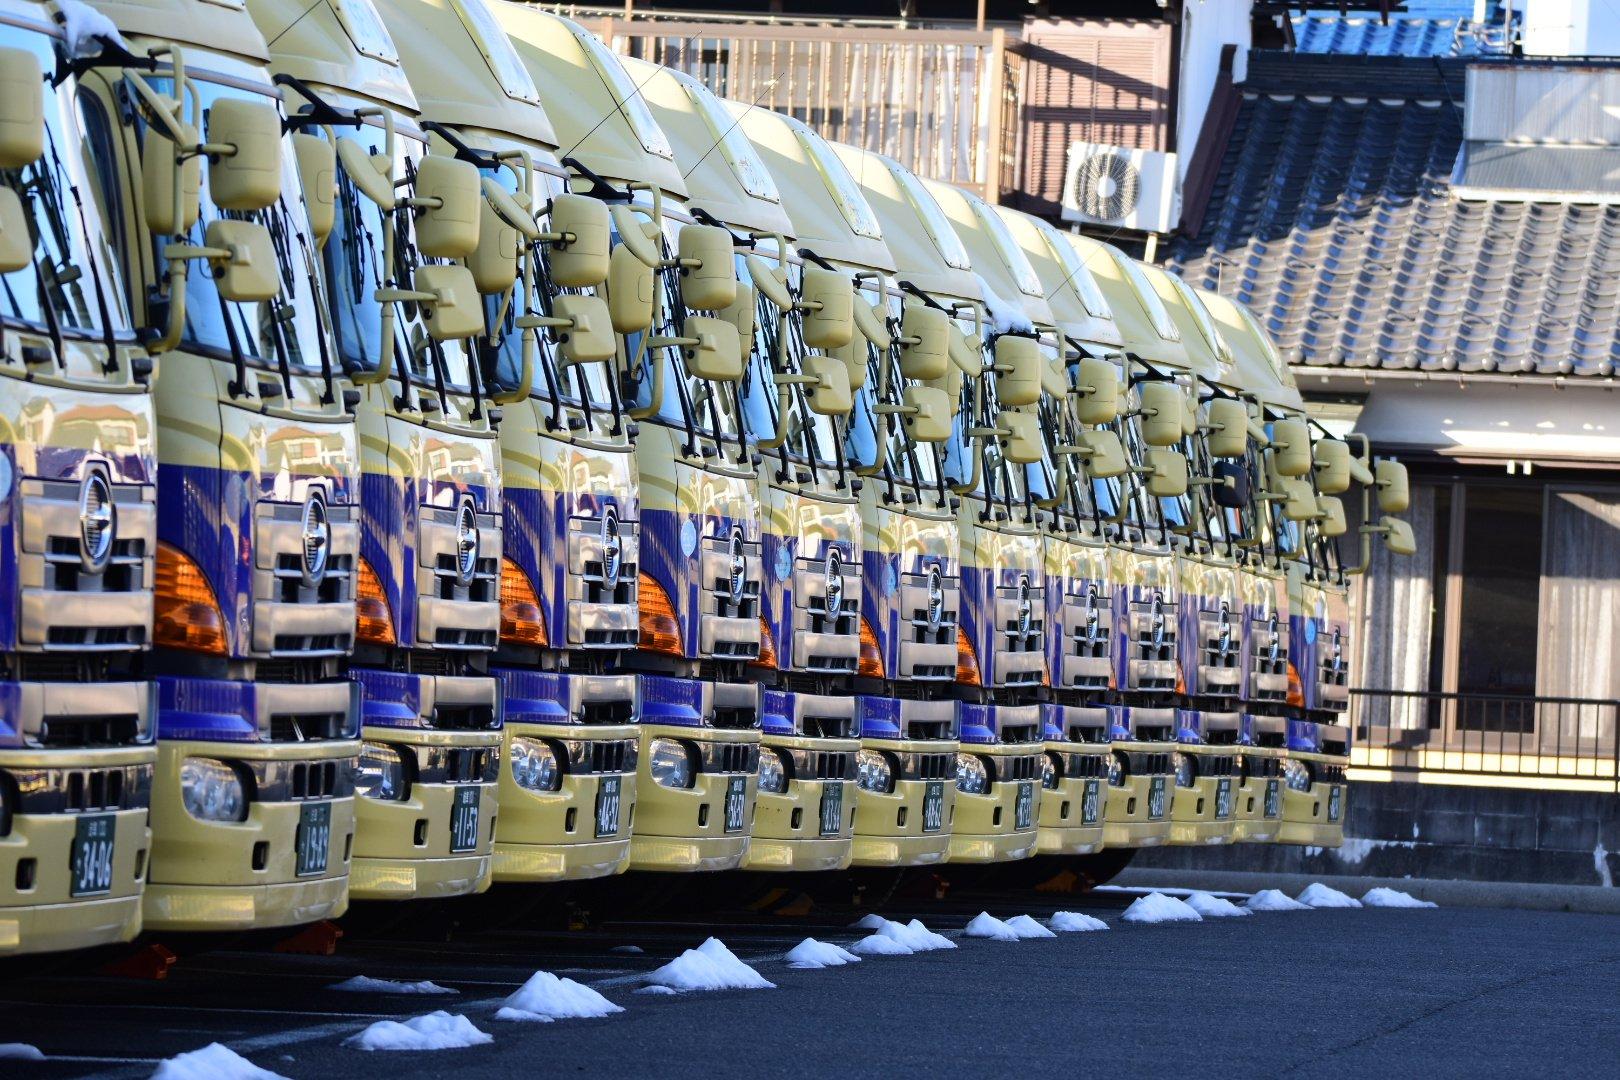 さすがプロww運送会社の仕事納めwwずらっと並んだ大型トラックが圧巻!!